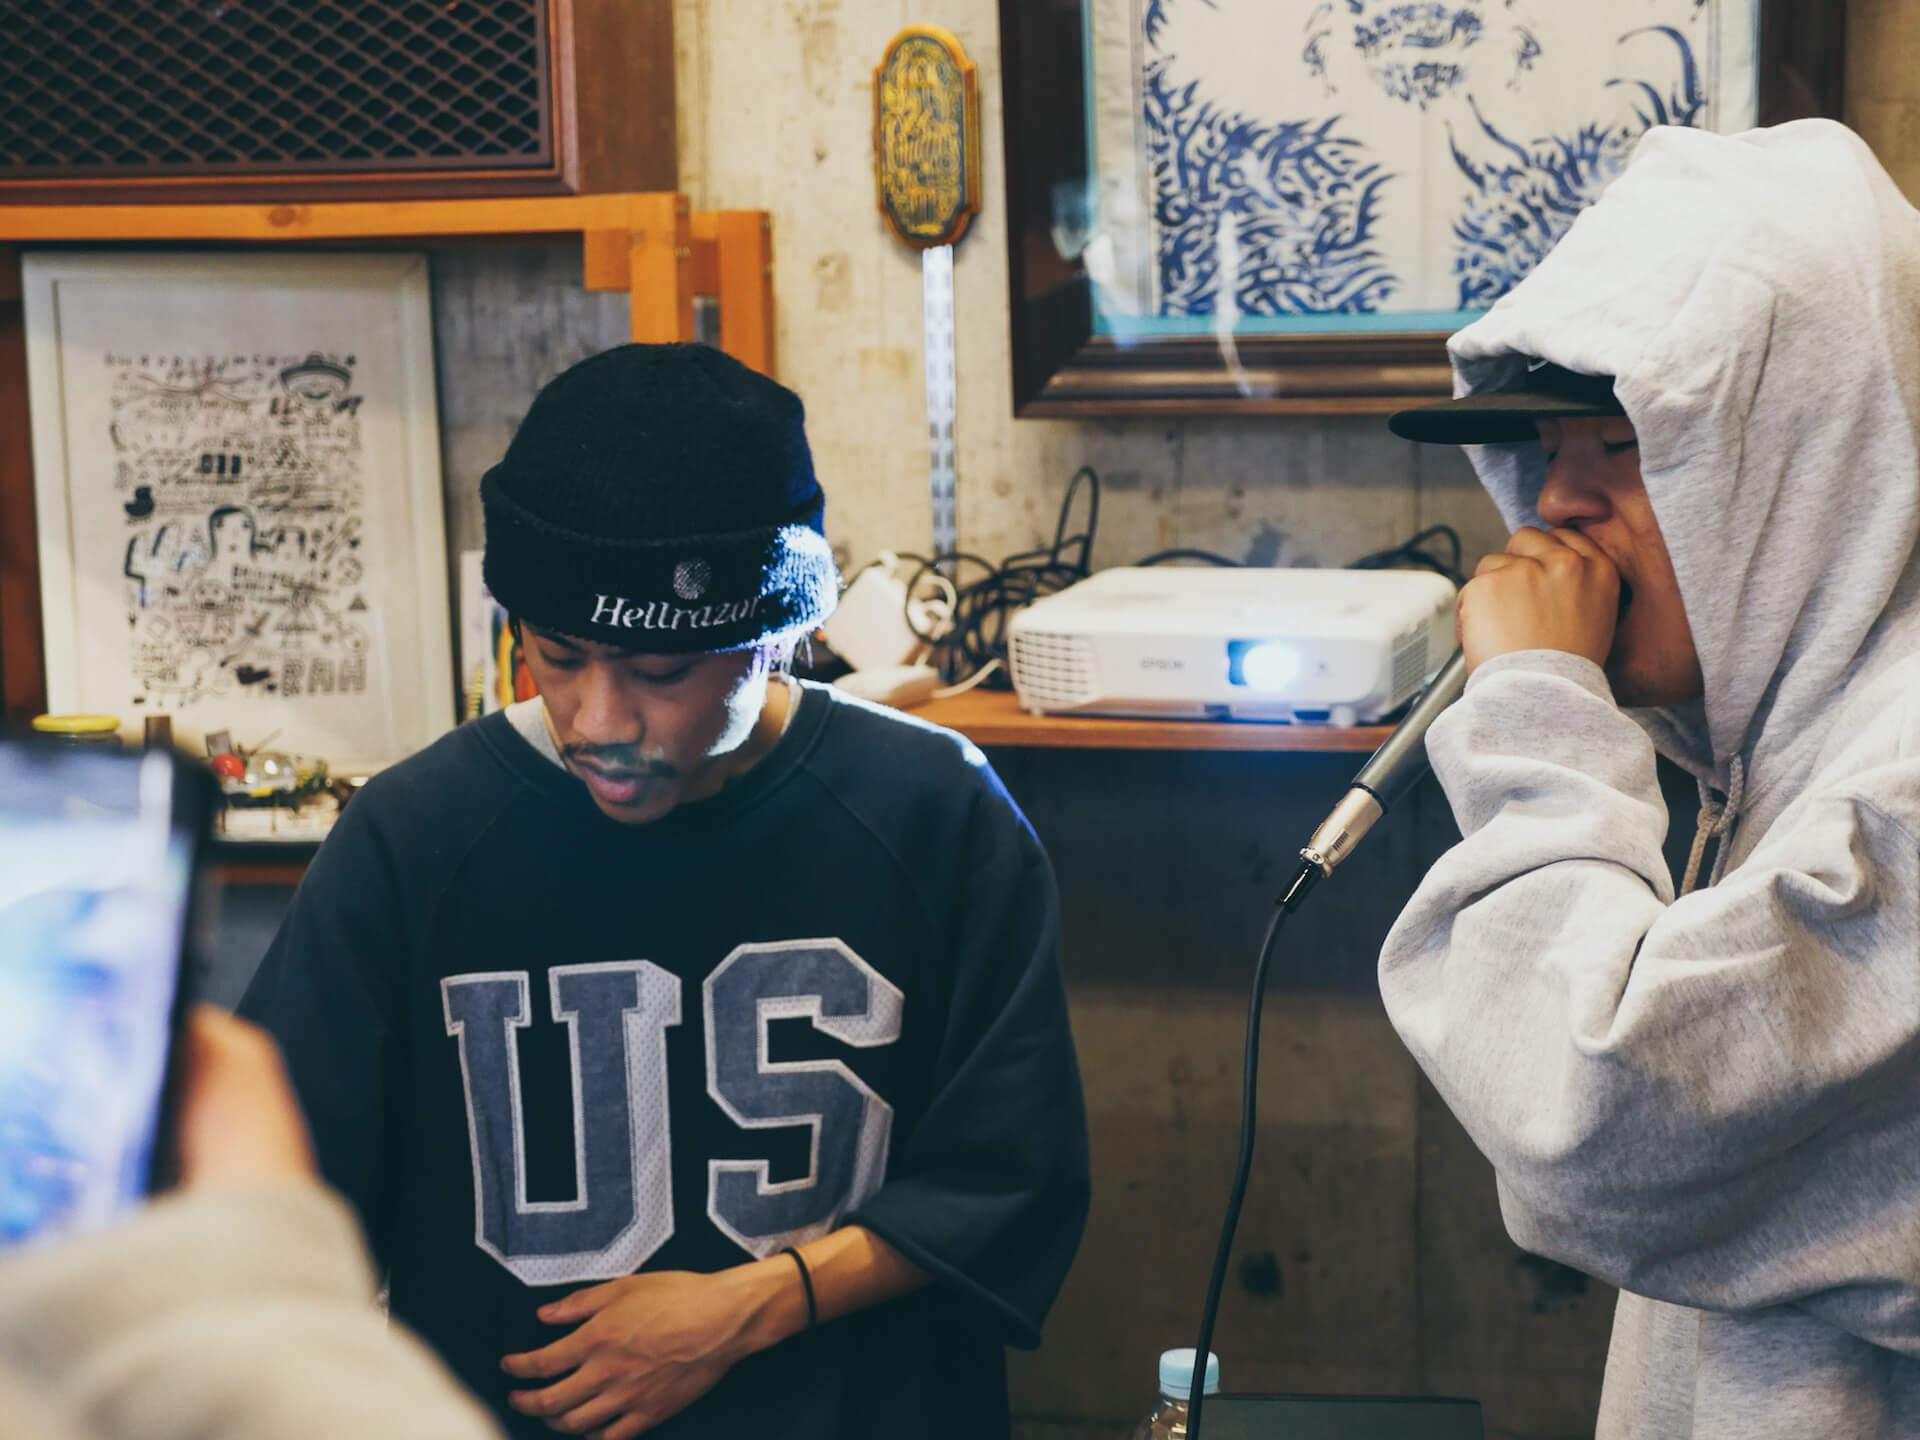 ビートは世界と出会う――BEAT MEETS WORLD x WANDERMAN POP UP in RAH YOKOHAMA REPORT interview-beat-meets-world-pop-up-report-16